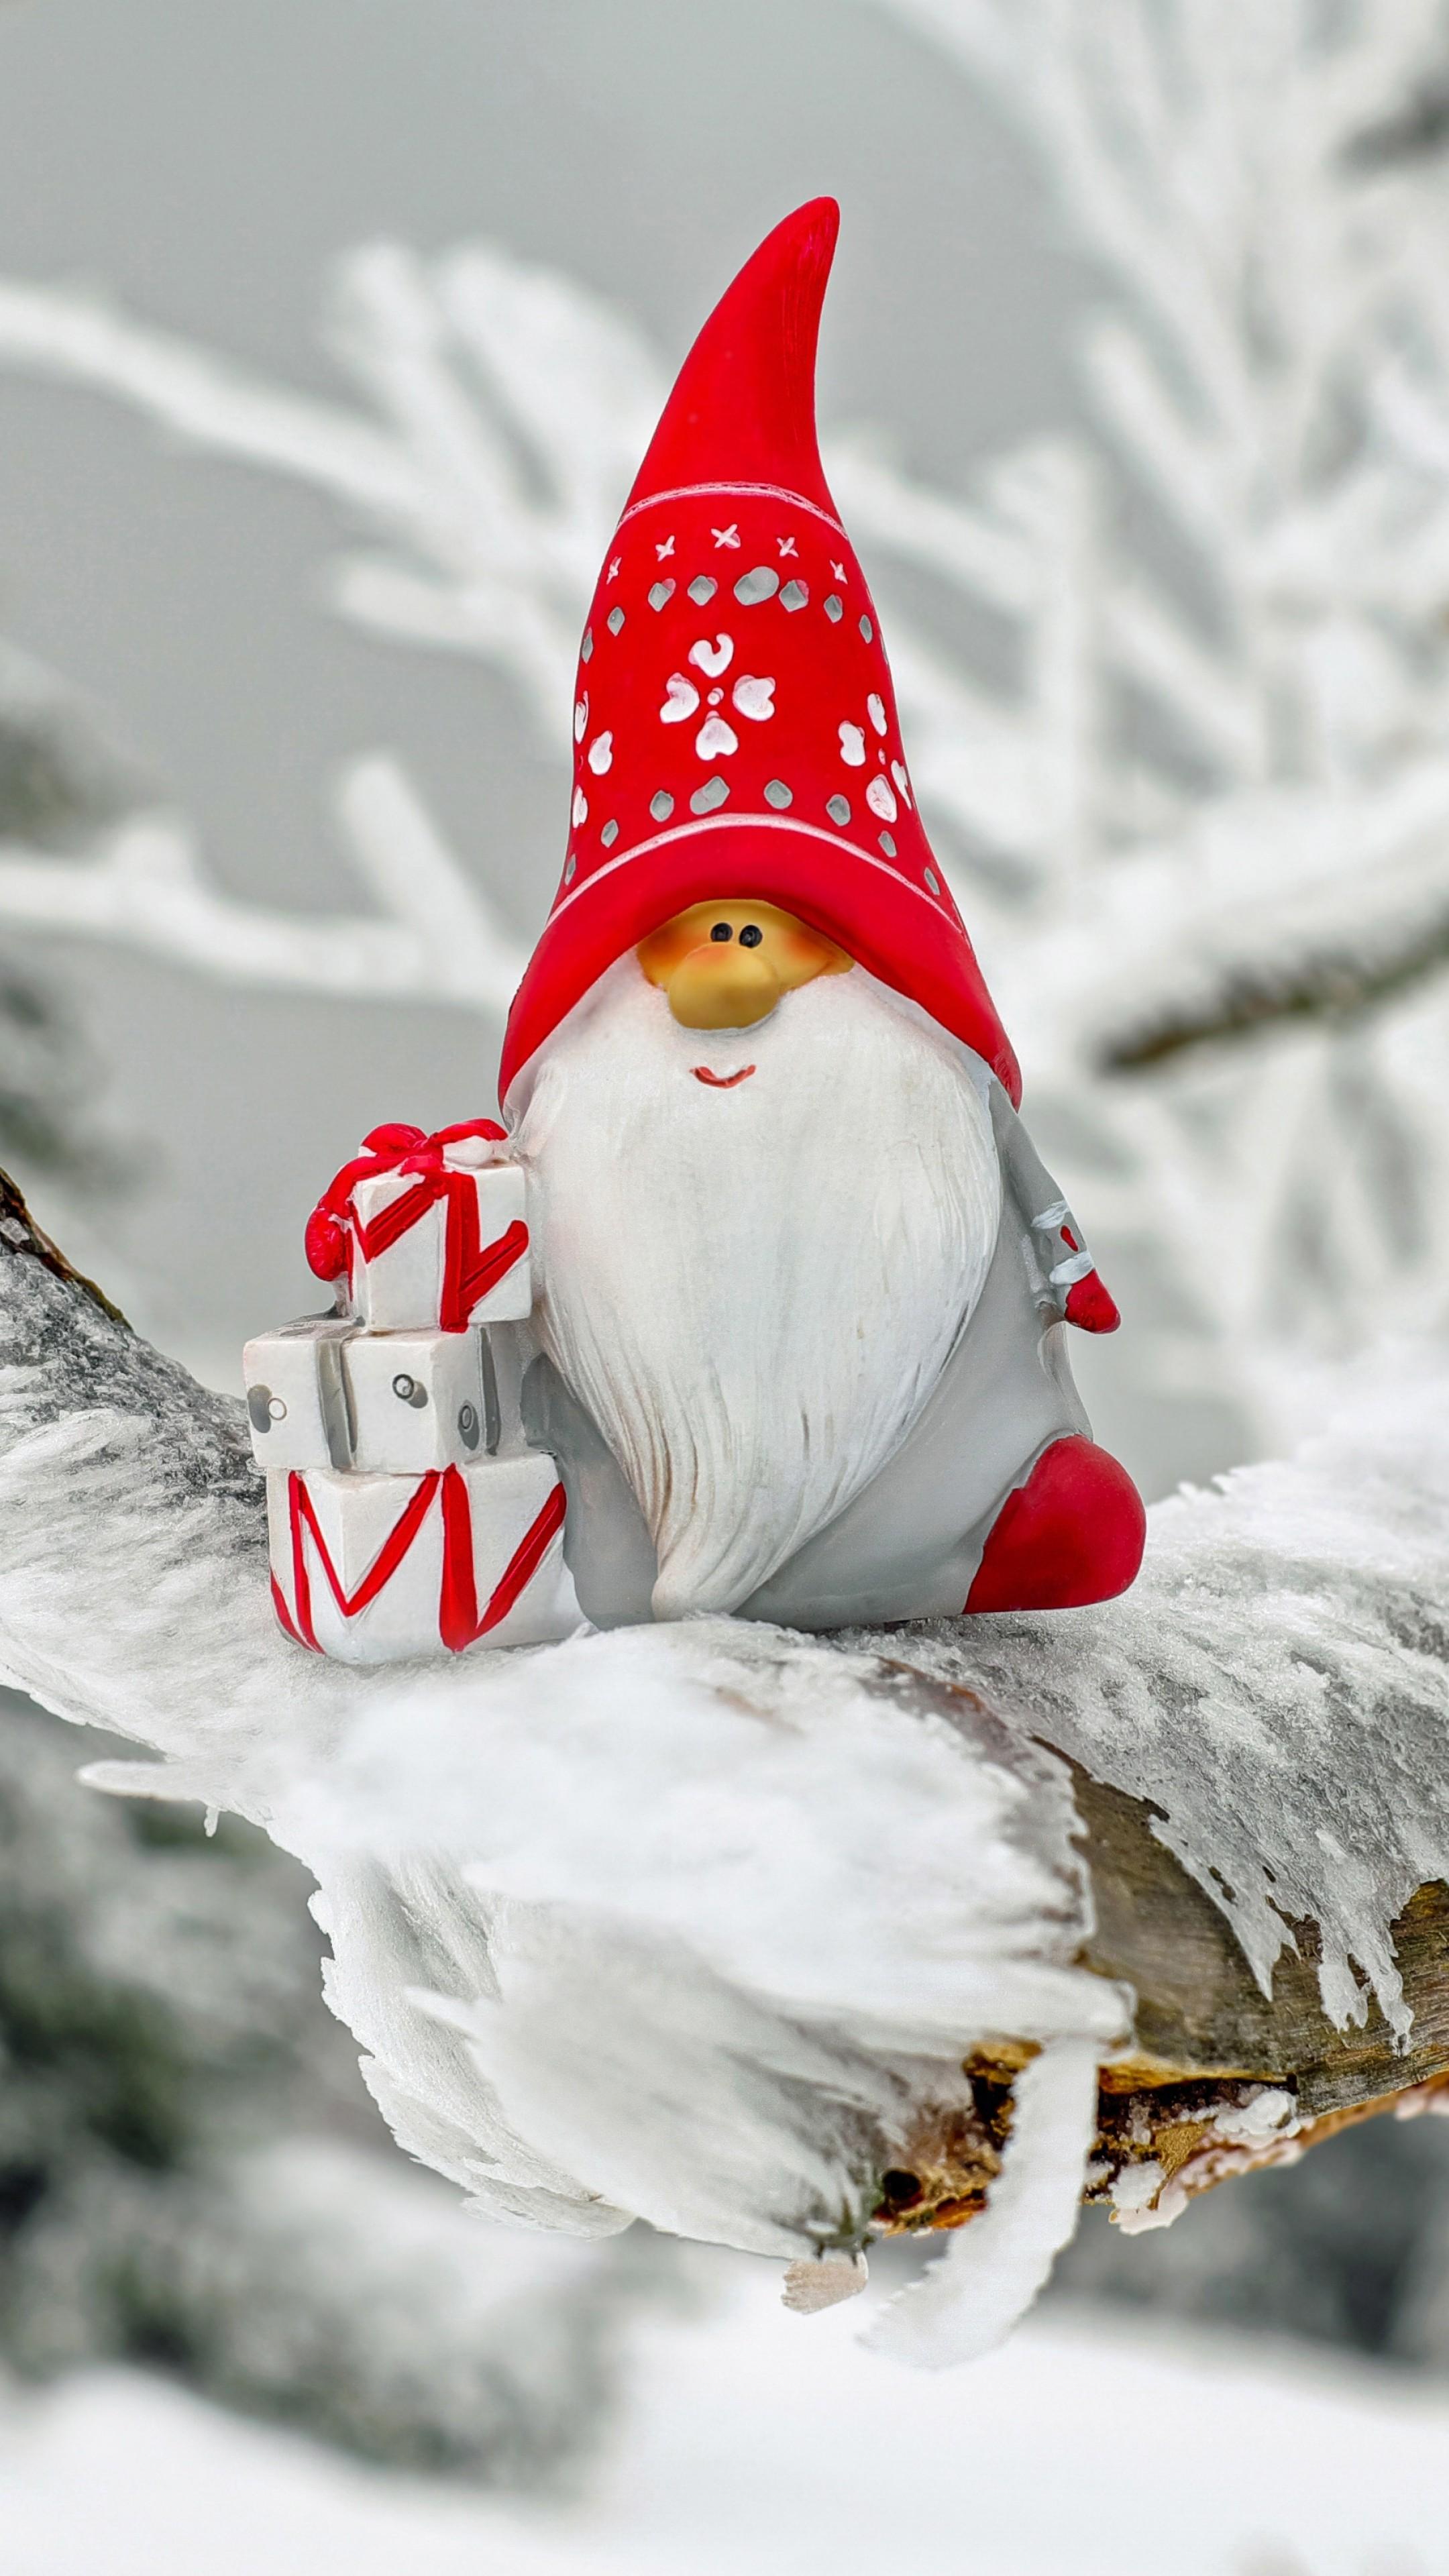 Sfondi Babbo Natale.Iphone Sfondo Di Babbo Natale Hd Carta Da Parati Gnomo 2160x3840 Wallpapertip